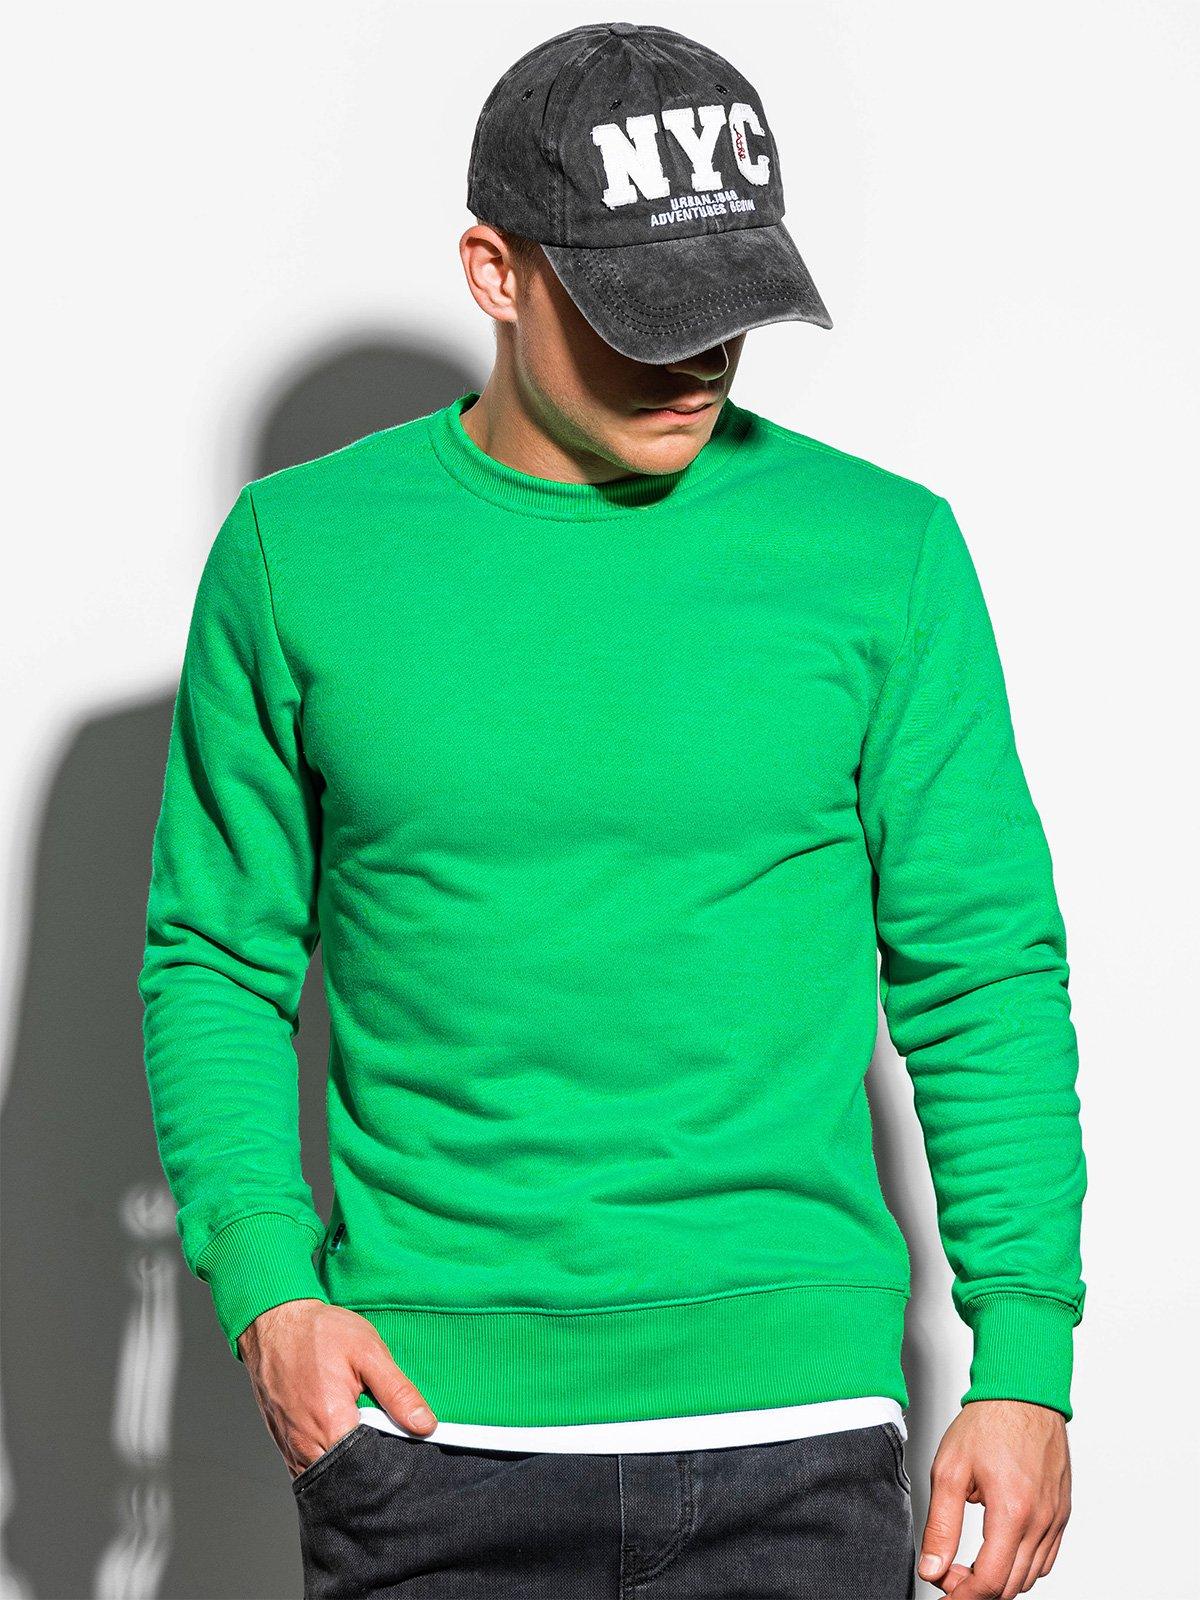 Bluza męska bez kaptura basic B978 zielona L Ceny i opinie